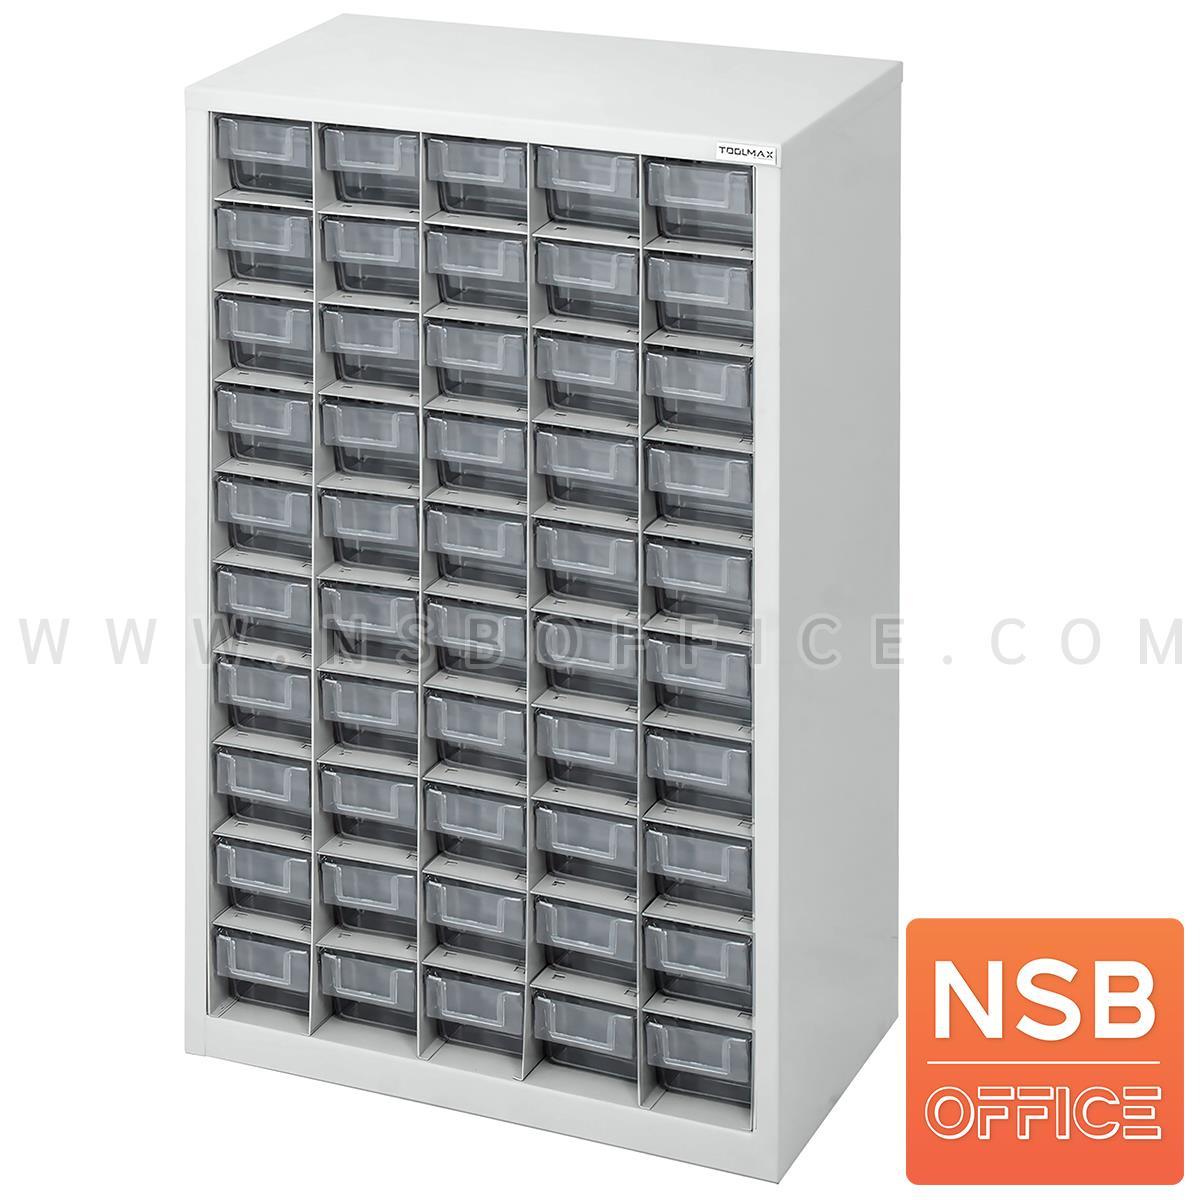 E09A034:ตู้ใส่กล่องอะไหล่ 50 ช่อง รุ่น Glossie (กลอสซี่) ขนาด 53.8W*30.7D cm. แบบกล่องใส